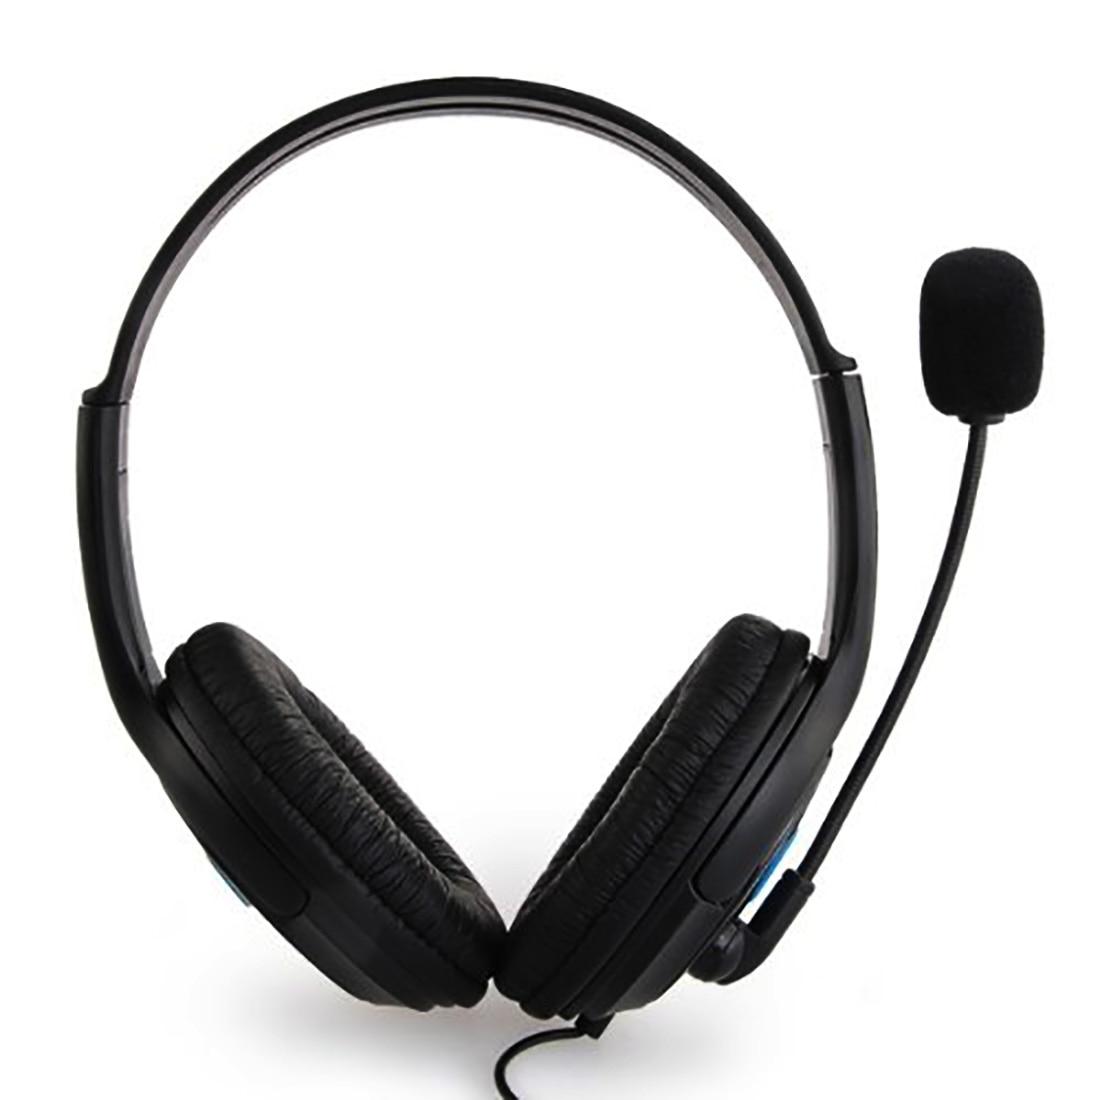 Marsnaska incrível dupla grande orelha com fio gaming chat fone de ouvido microfone para sony playstation 4 ps4 preto